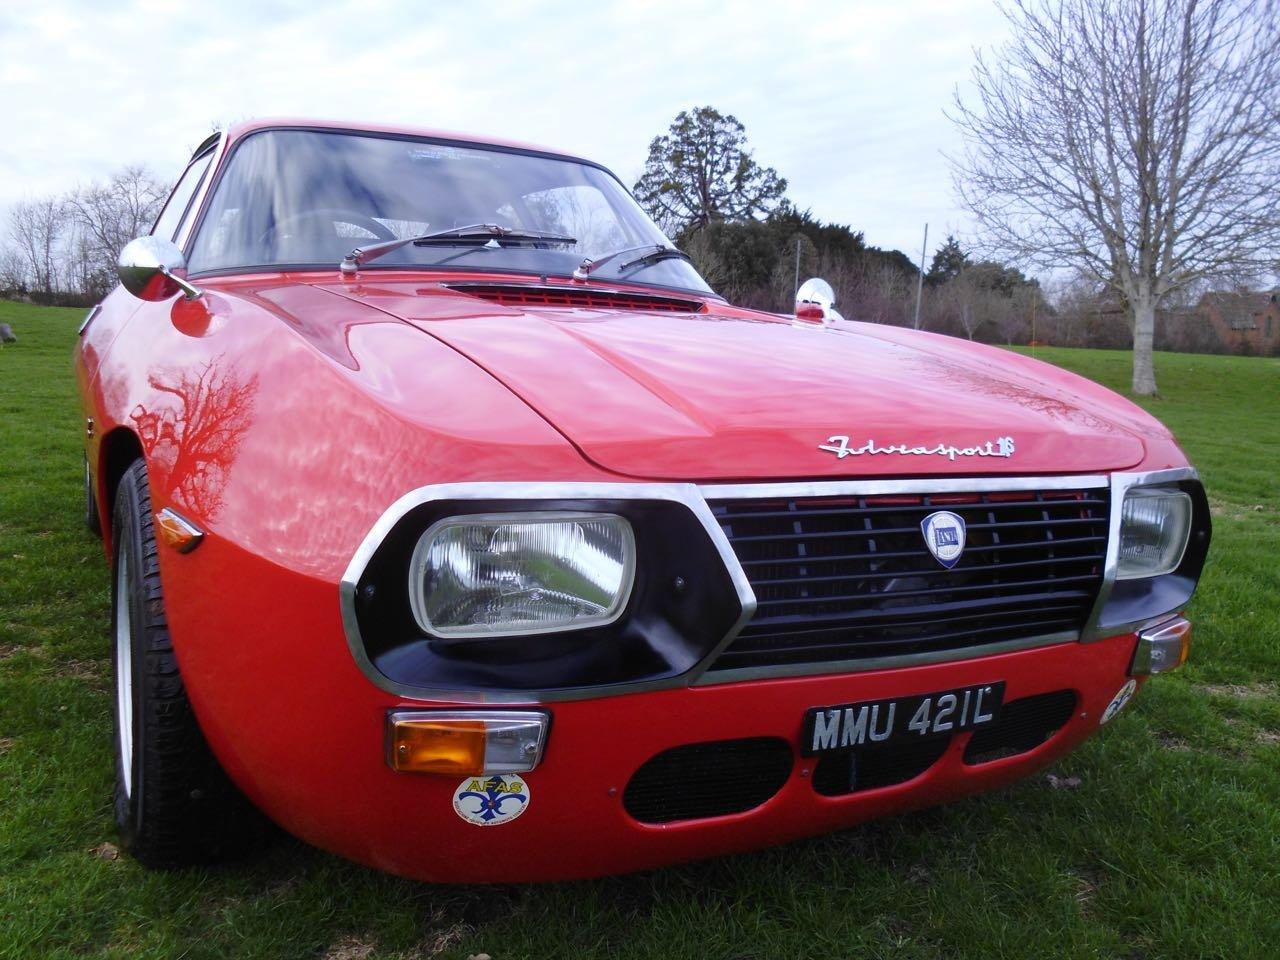 1972 Lancia Fulvia 1.6 HF Zagato Sport right hand drive SOLD (picture 1 of 6)